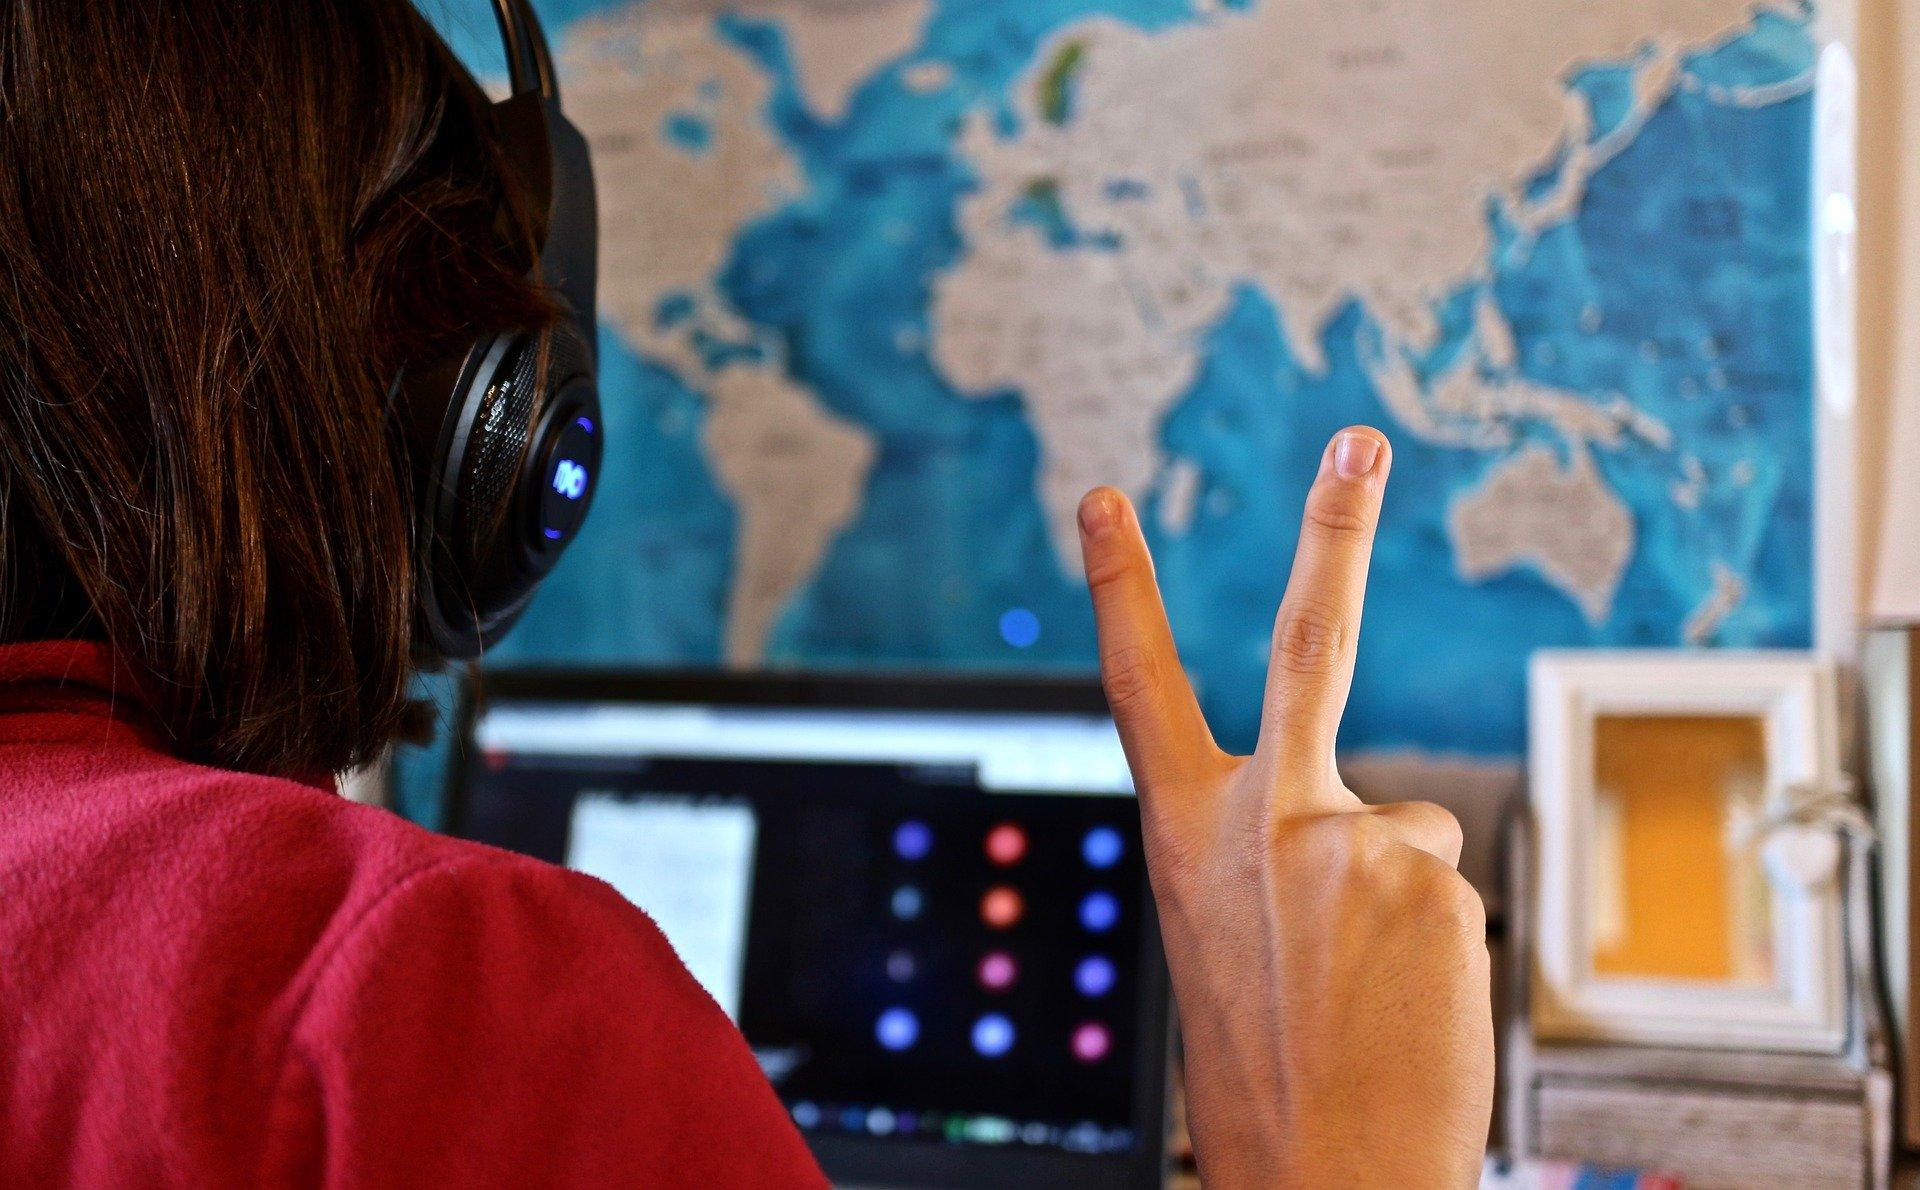 Jubiläum: Grüne vor fünfzigster Videokonferenz